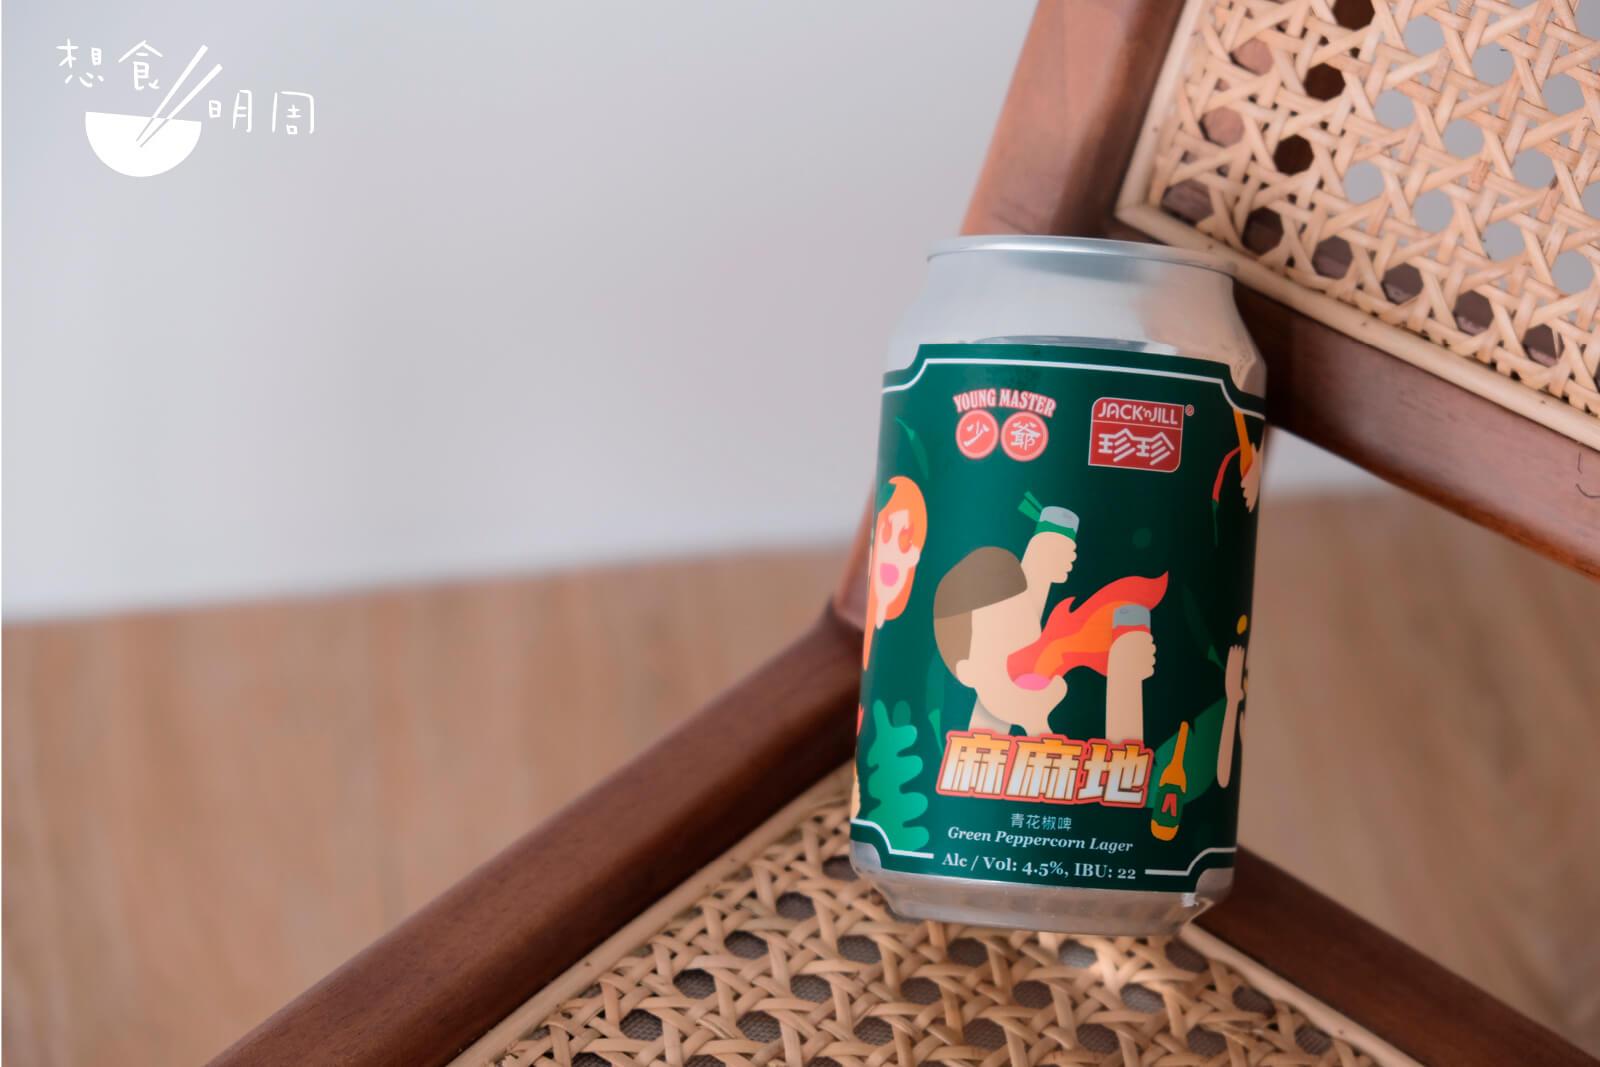 少爺 x 珍珍「麻麻地」青花椒味啤酒($21.9)